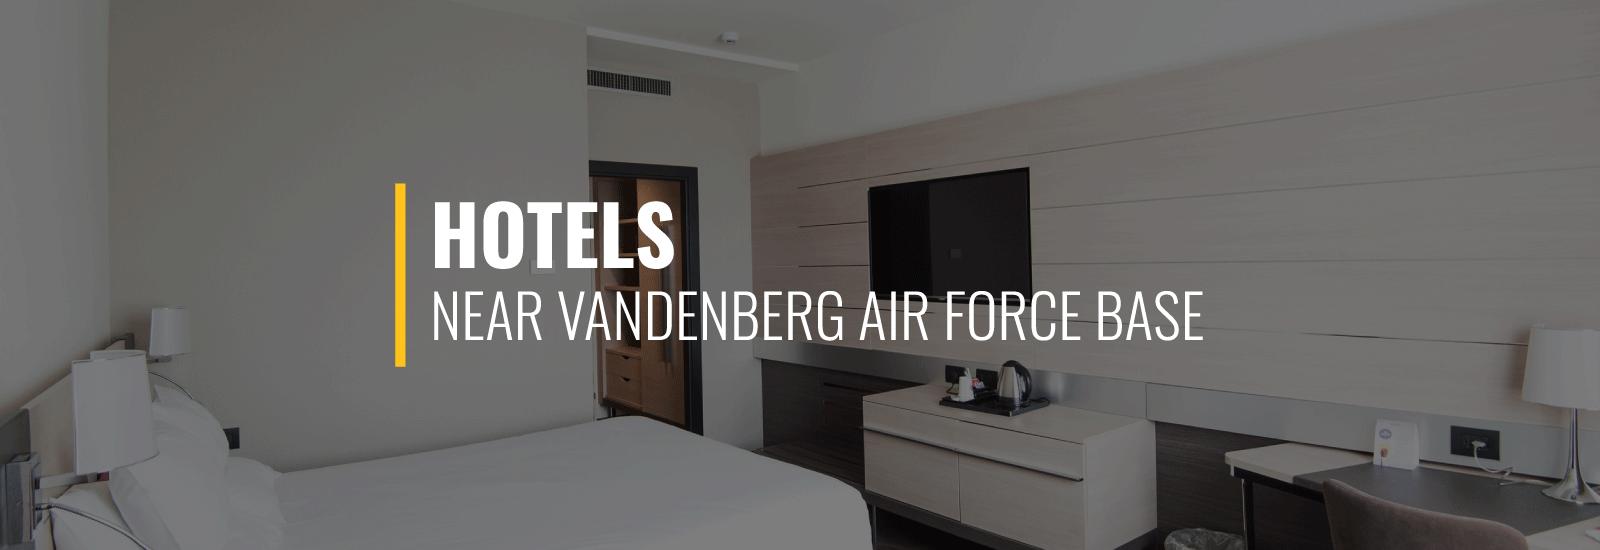 Vandenberg AFB Hotels